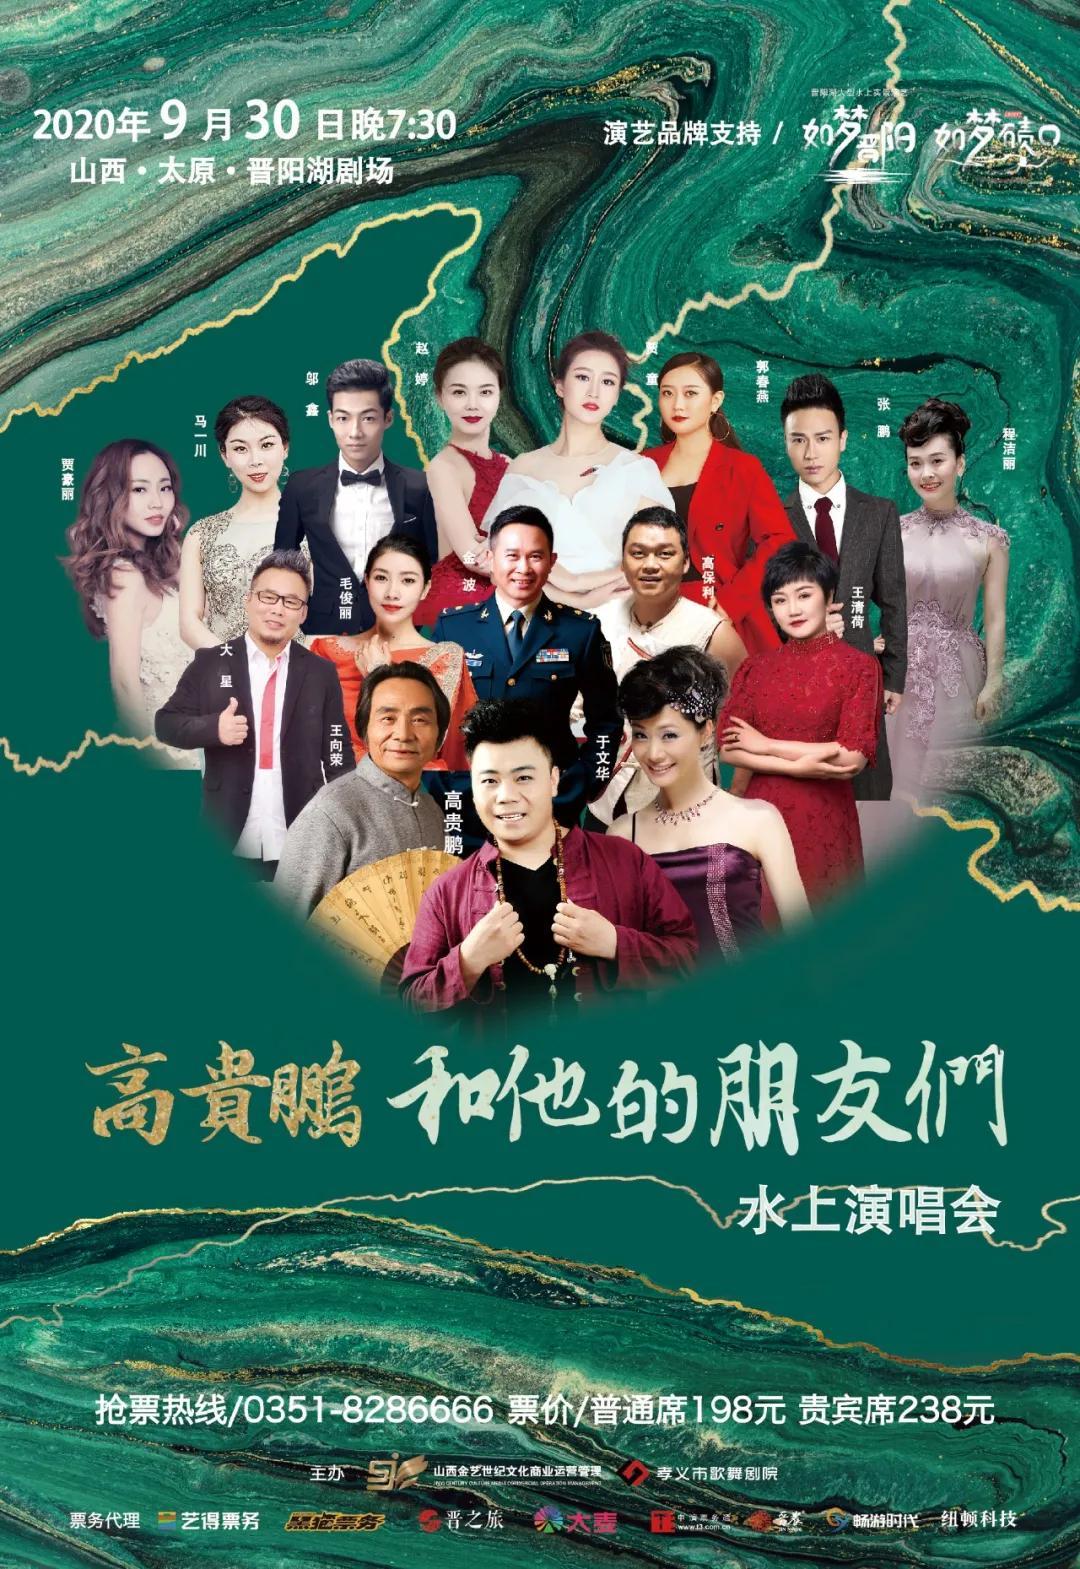 政务要闻今晚,到晋阳湖剧场,听水上演唱会图片